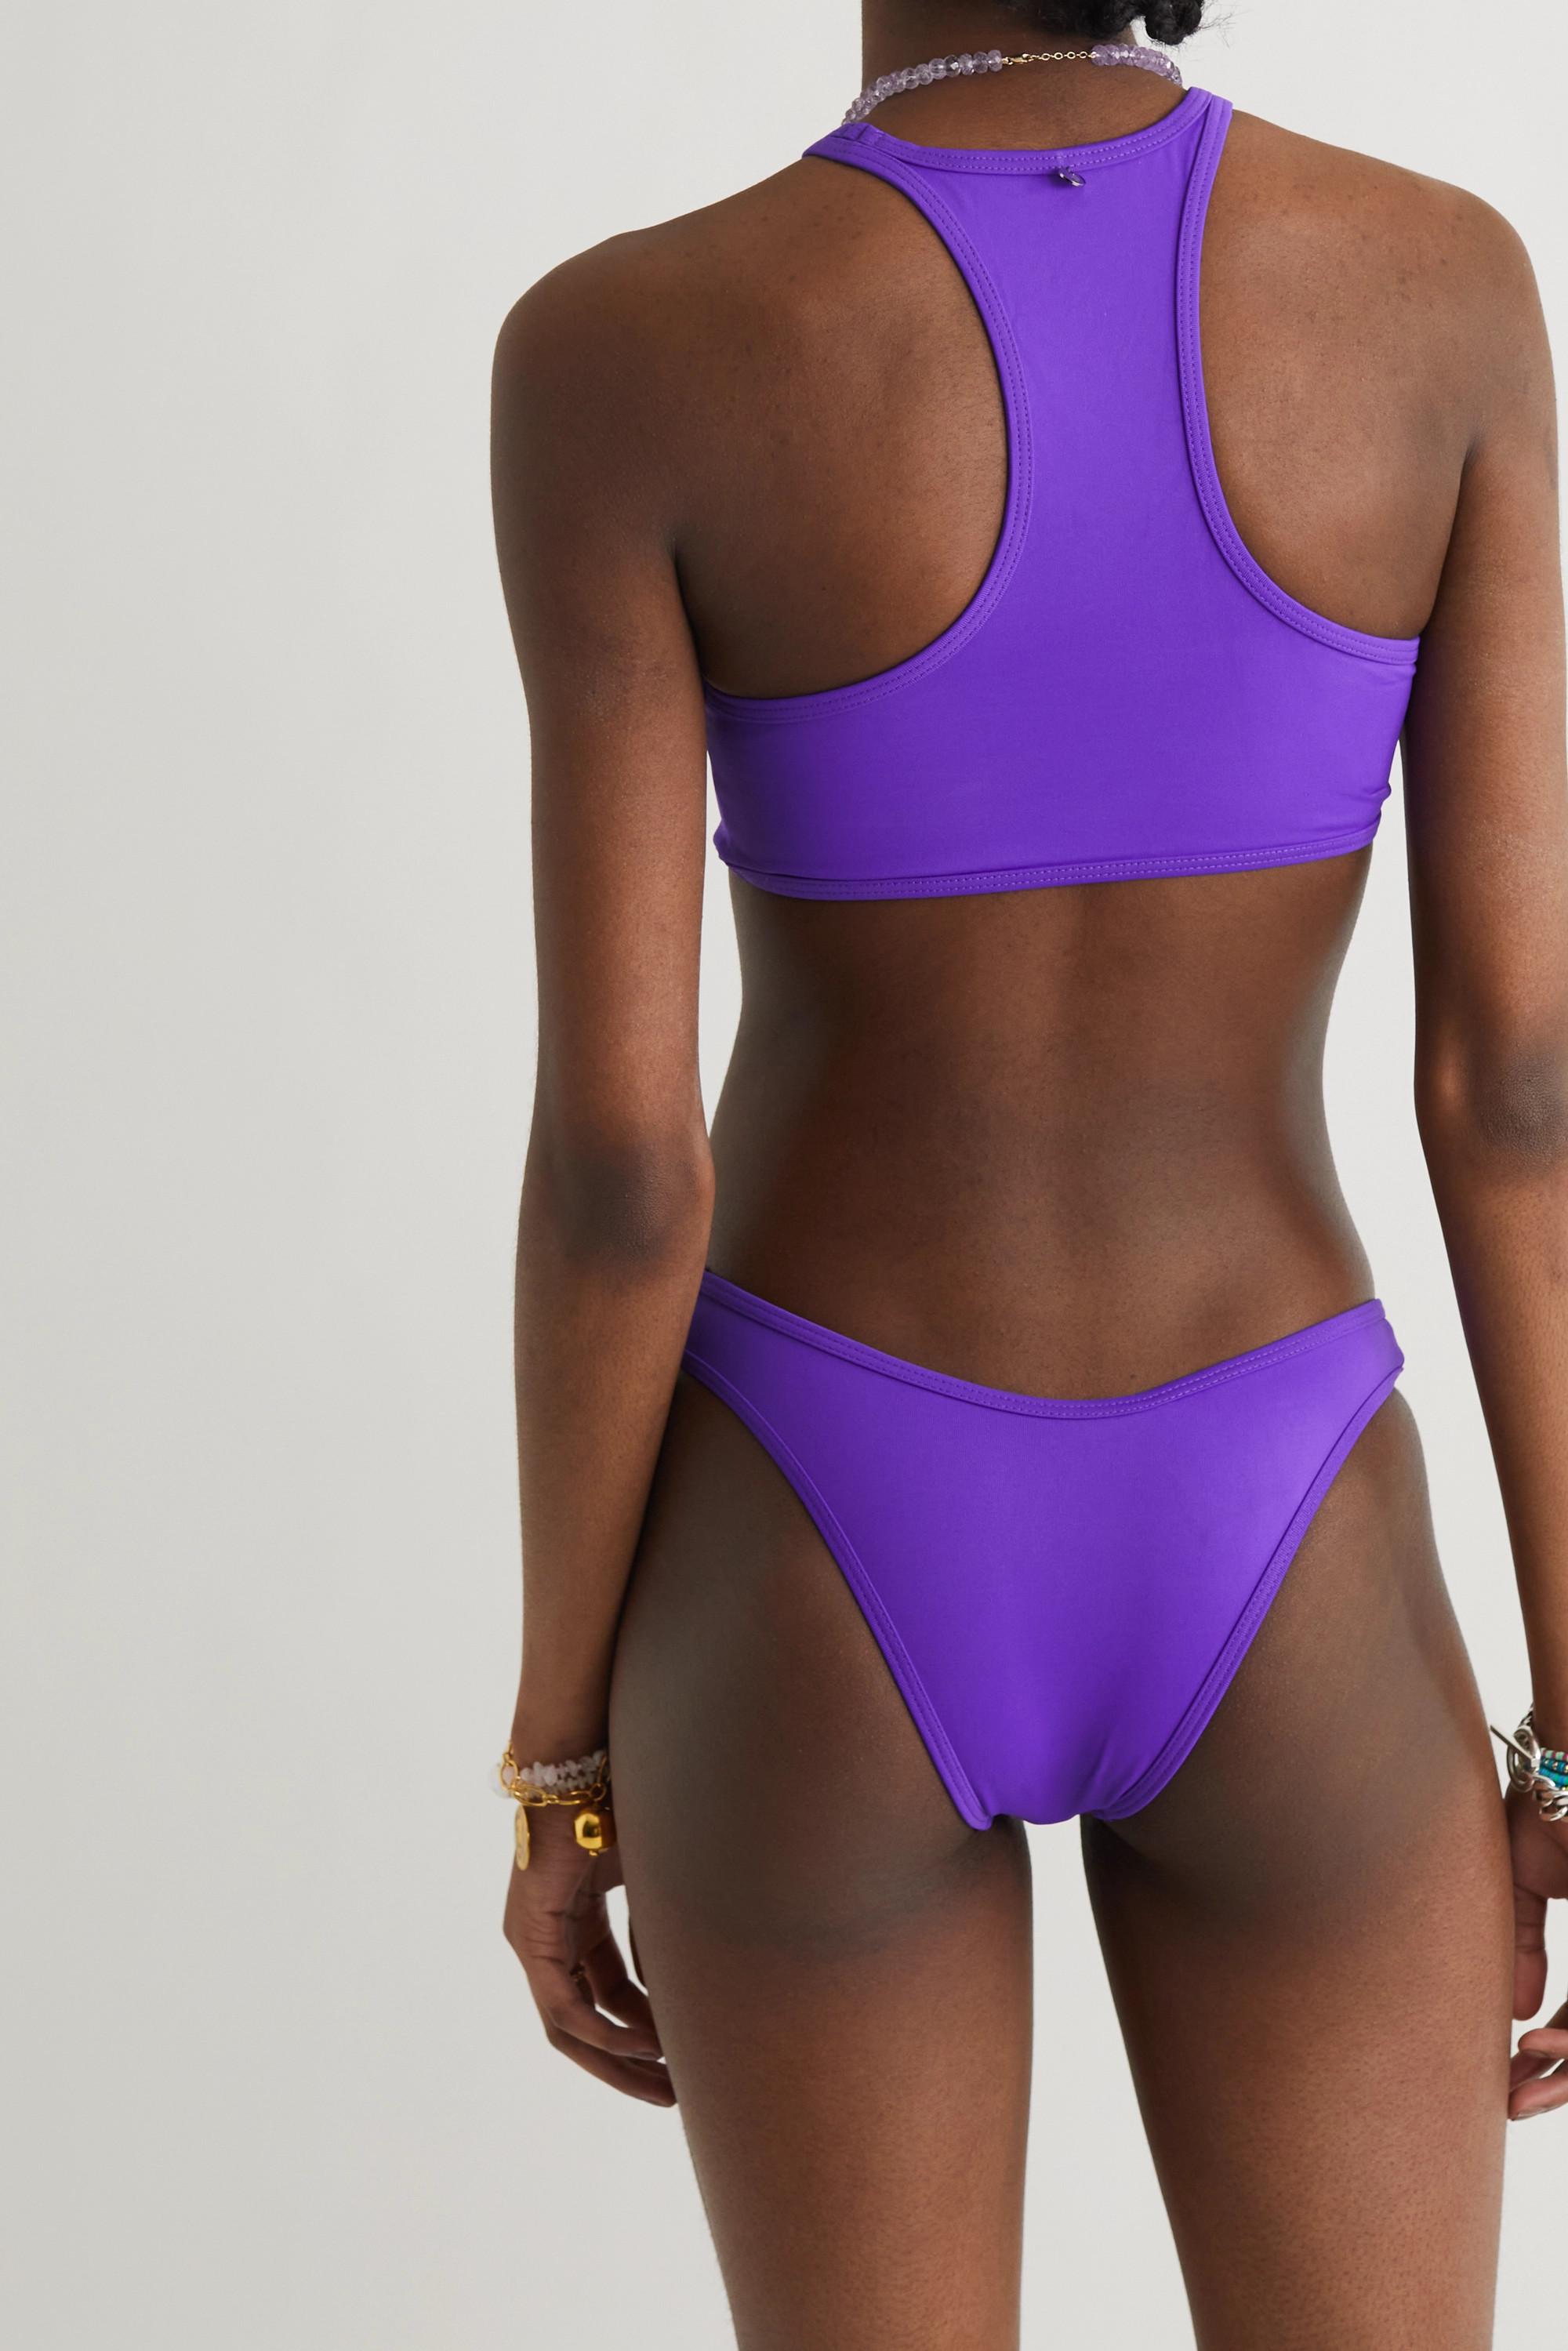 The Attico Bikini briefs